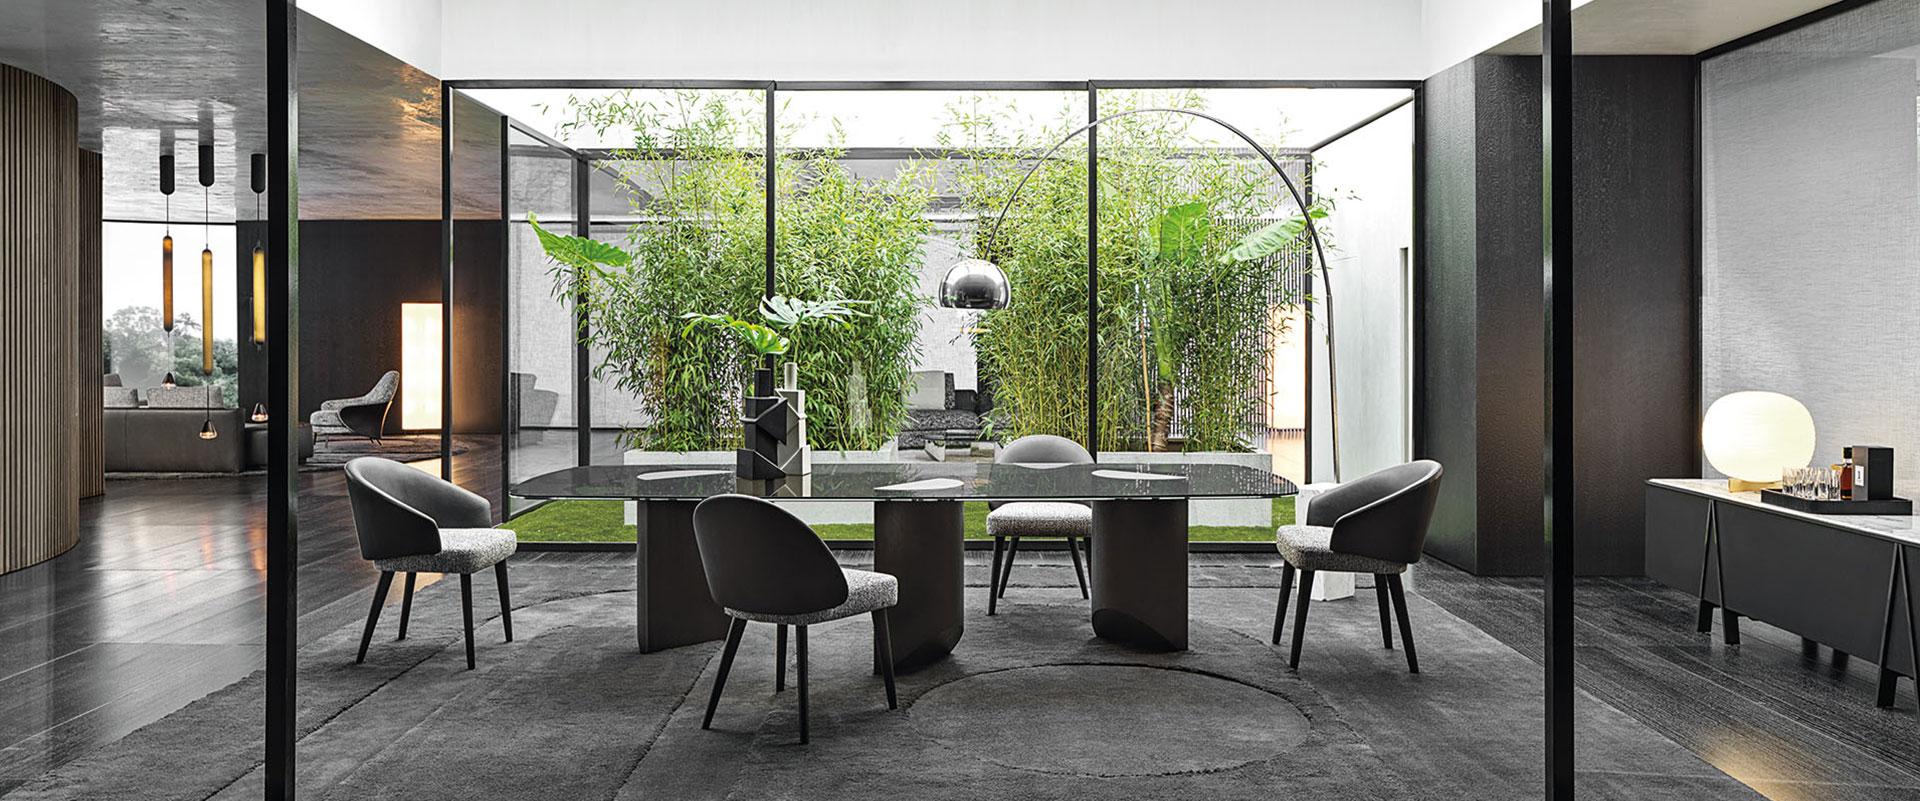 Fretz Einrichtungen, Exklusives Wohndesign, Wohnmöbel Konstanz